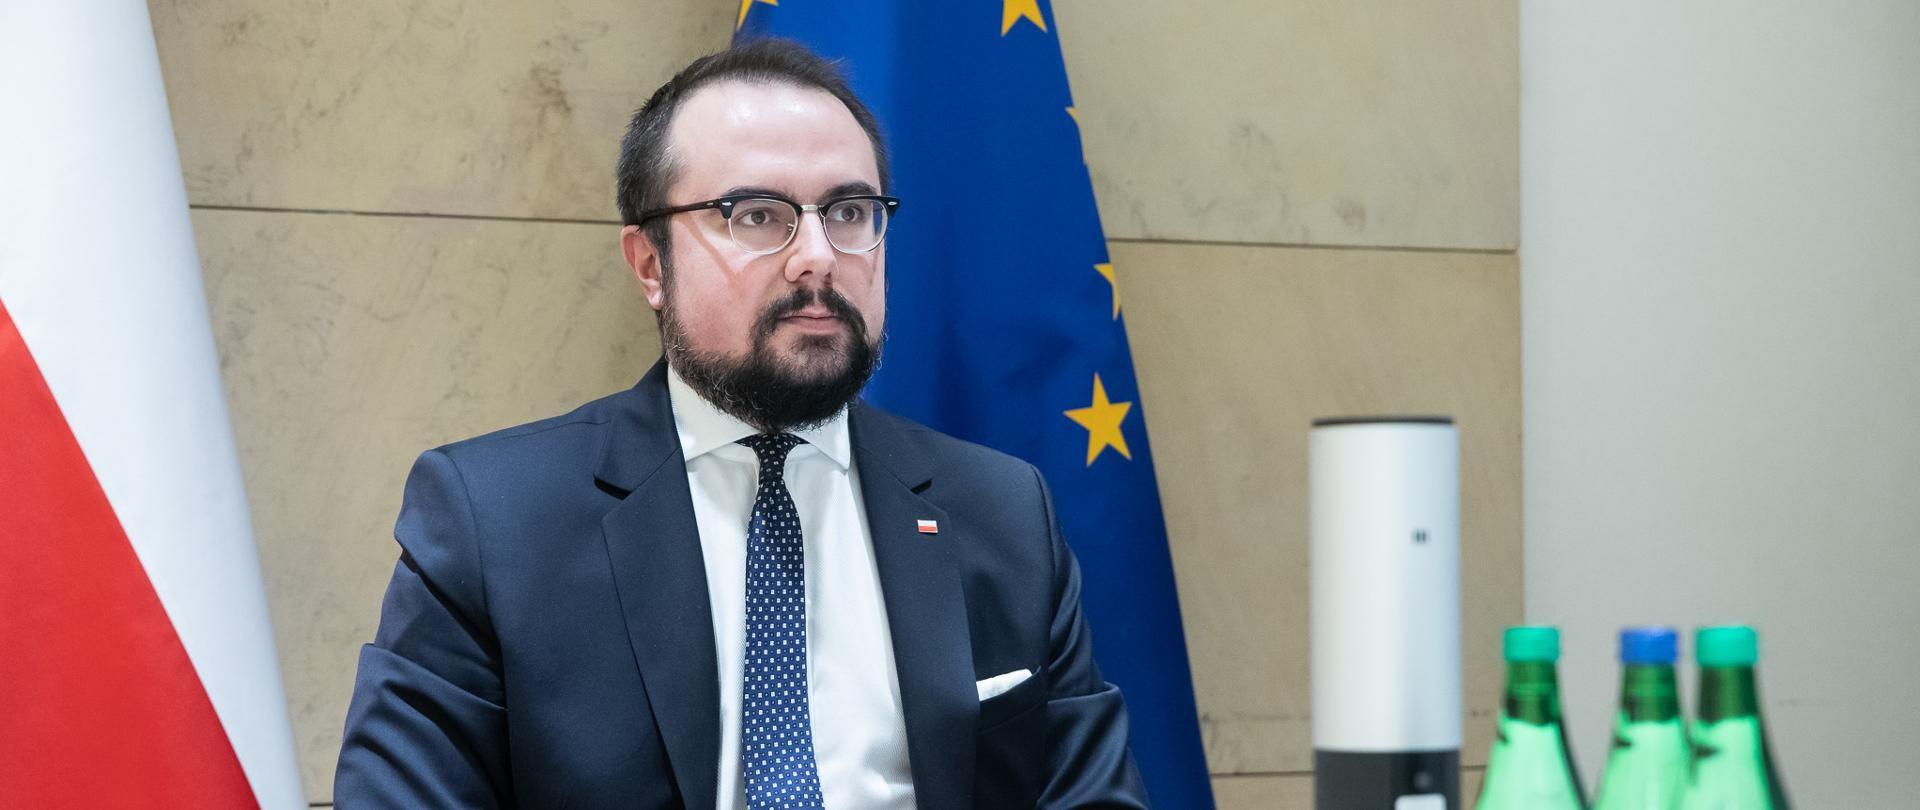 Mâu thuẫn nội bộ: Quốc gia thành viên tố EU bất công, áp dụng tiêu chuẩn kép. (Nguồn: Gov.pl)